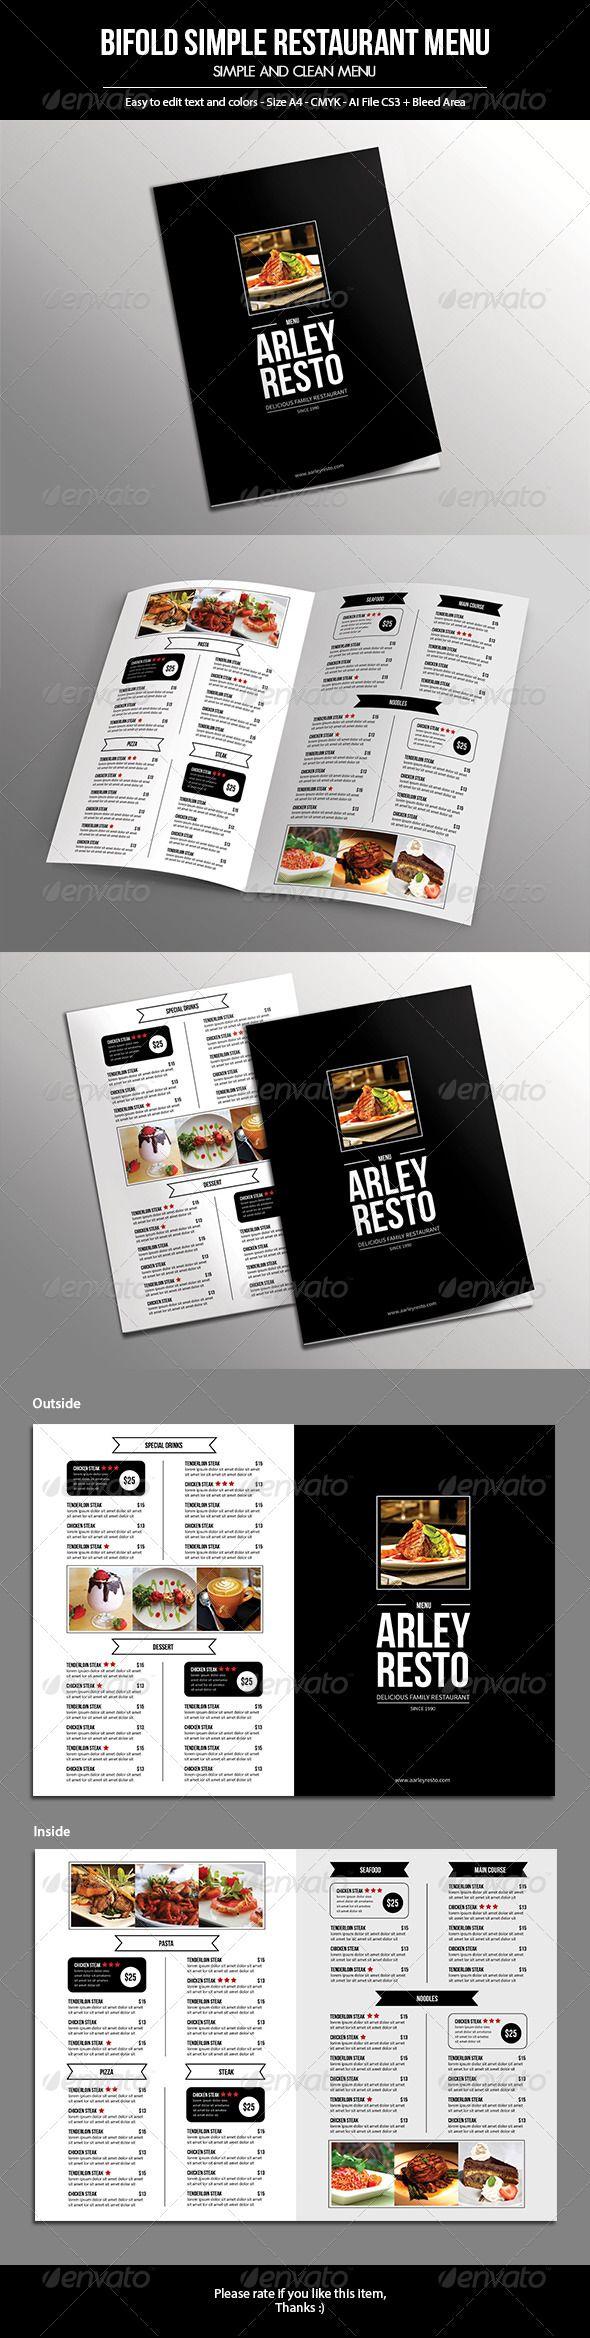 Bifold Simple Restaurant Menu Food Menus